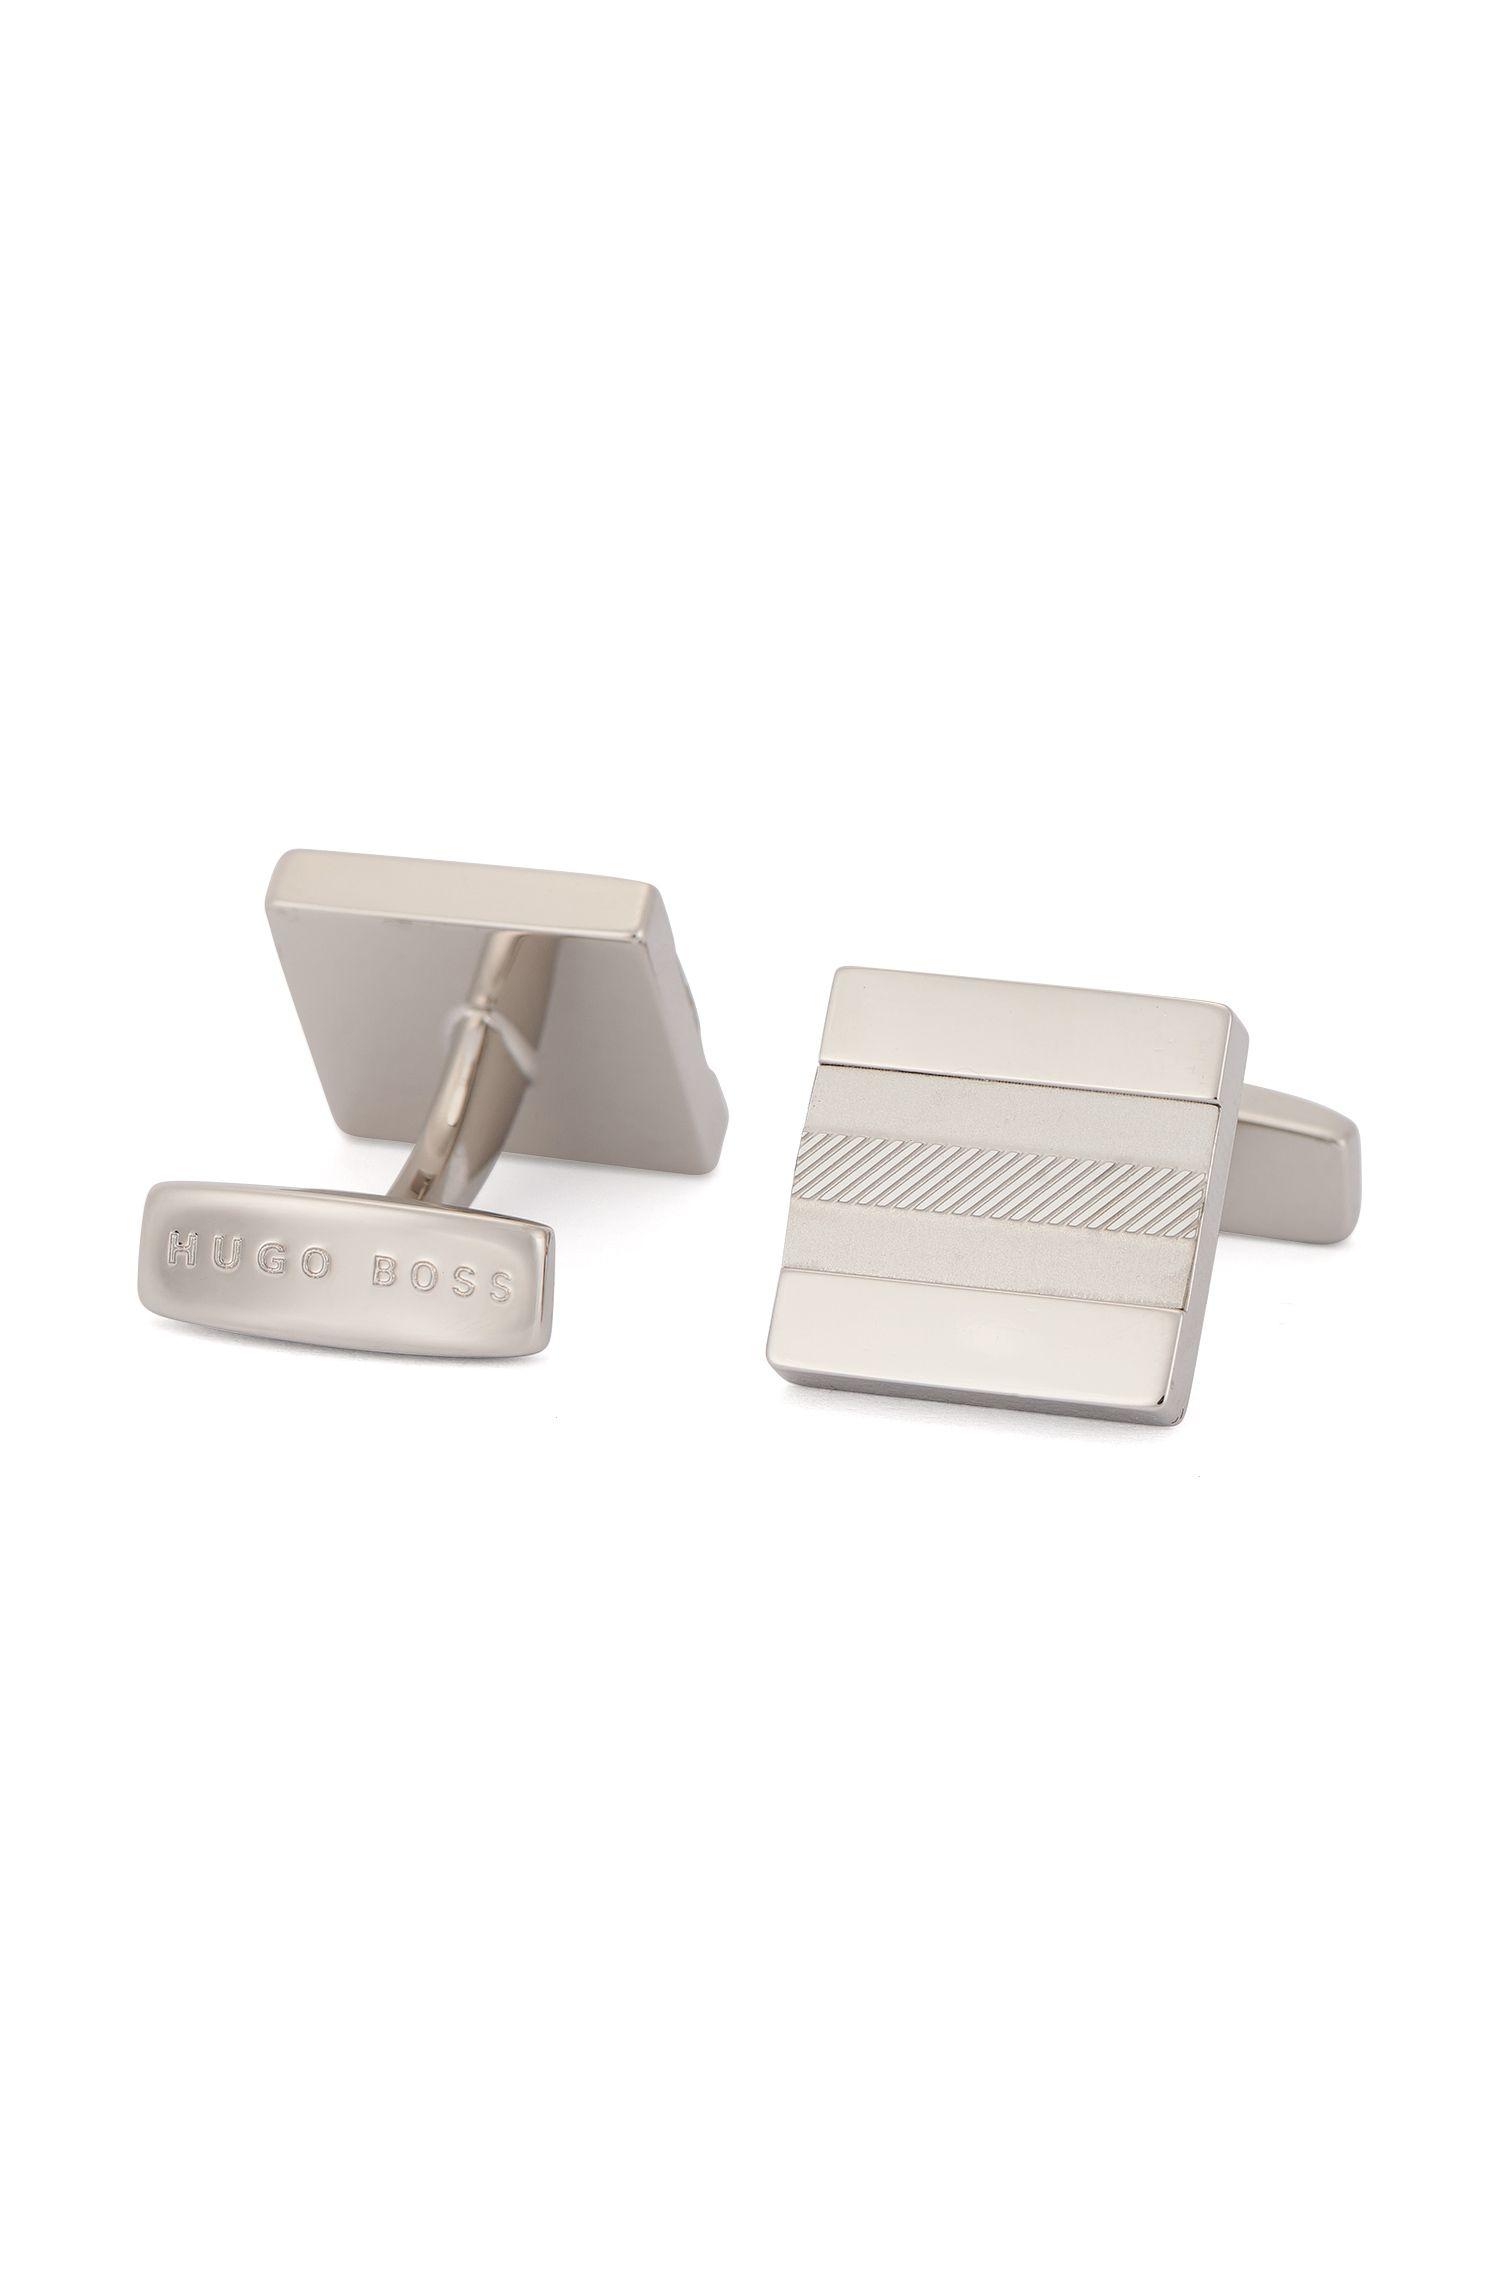 Striped Brass Cufflinks | Percy